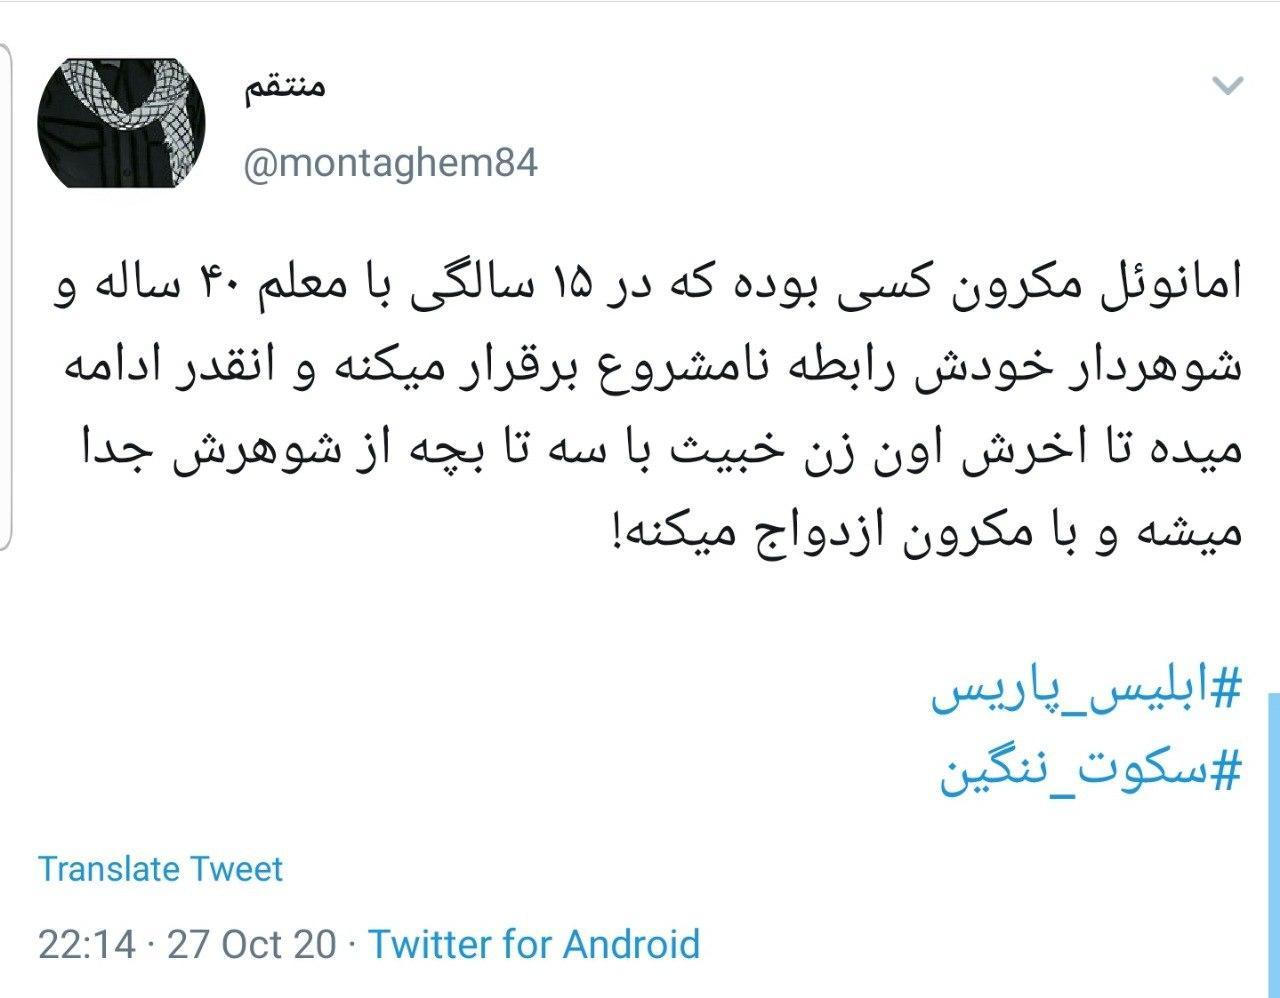 جهان اسلام در انتظار عذرخواهی مکرون خبیث میماند